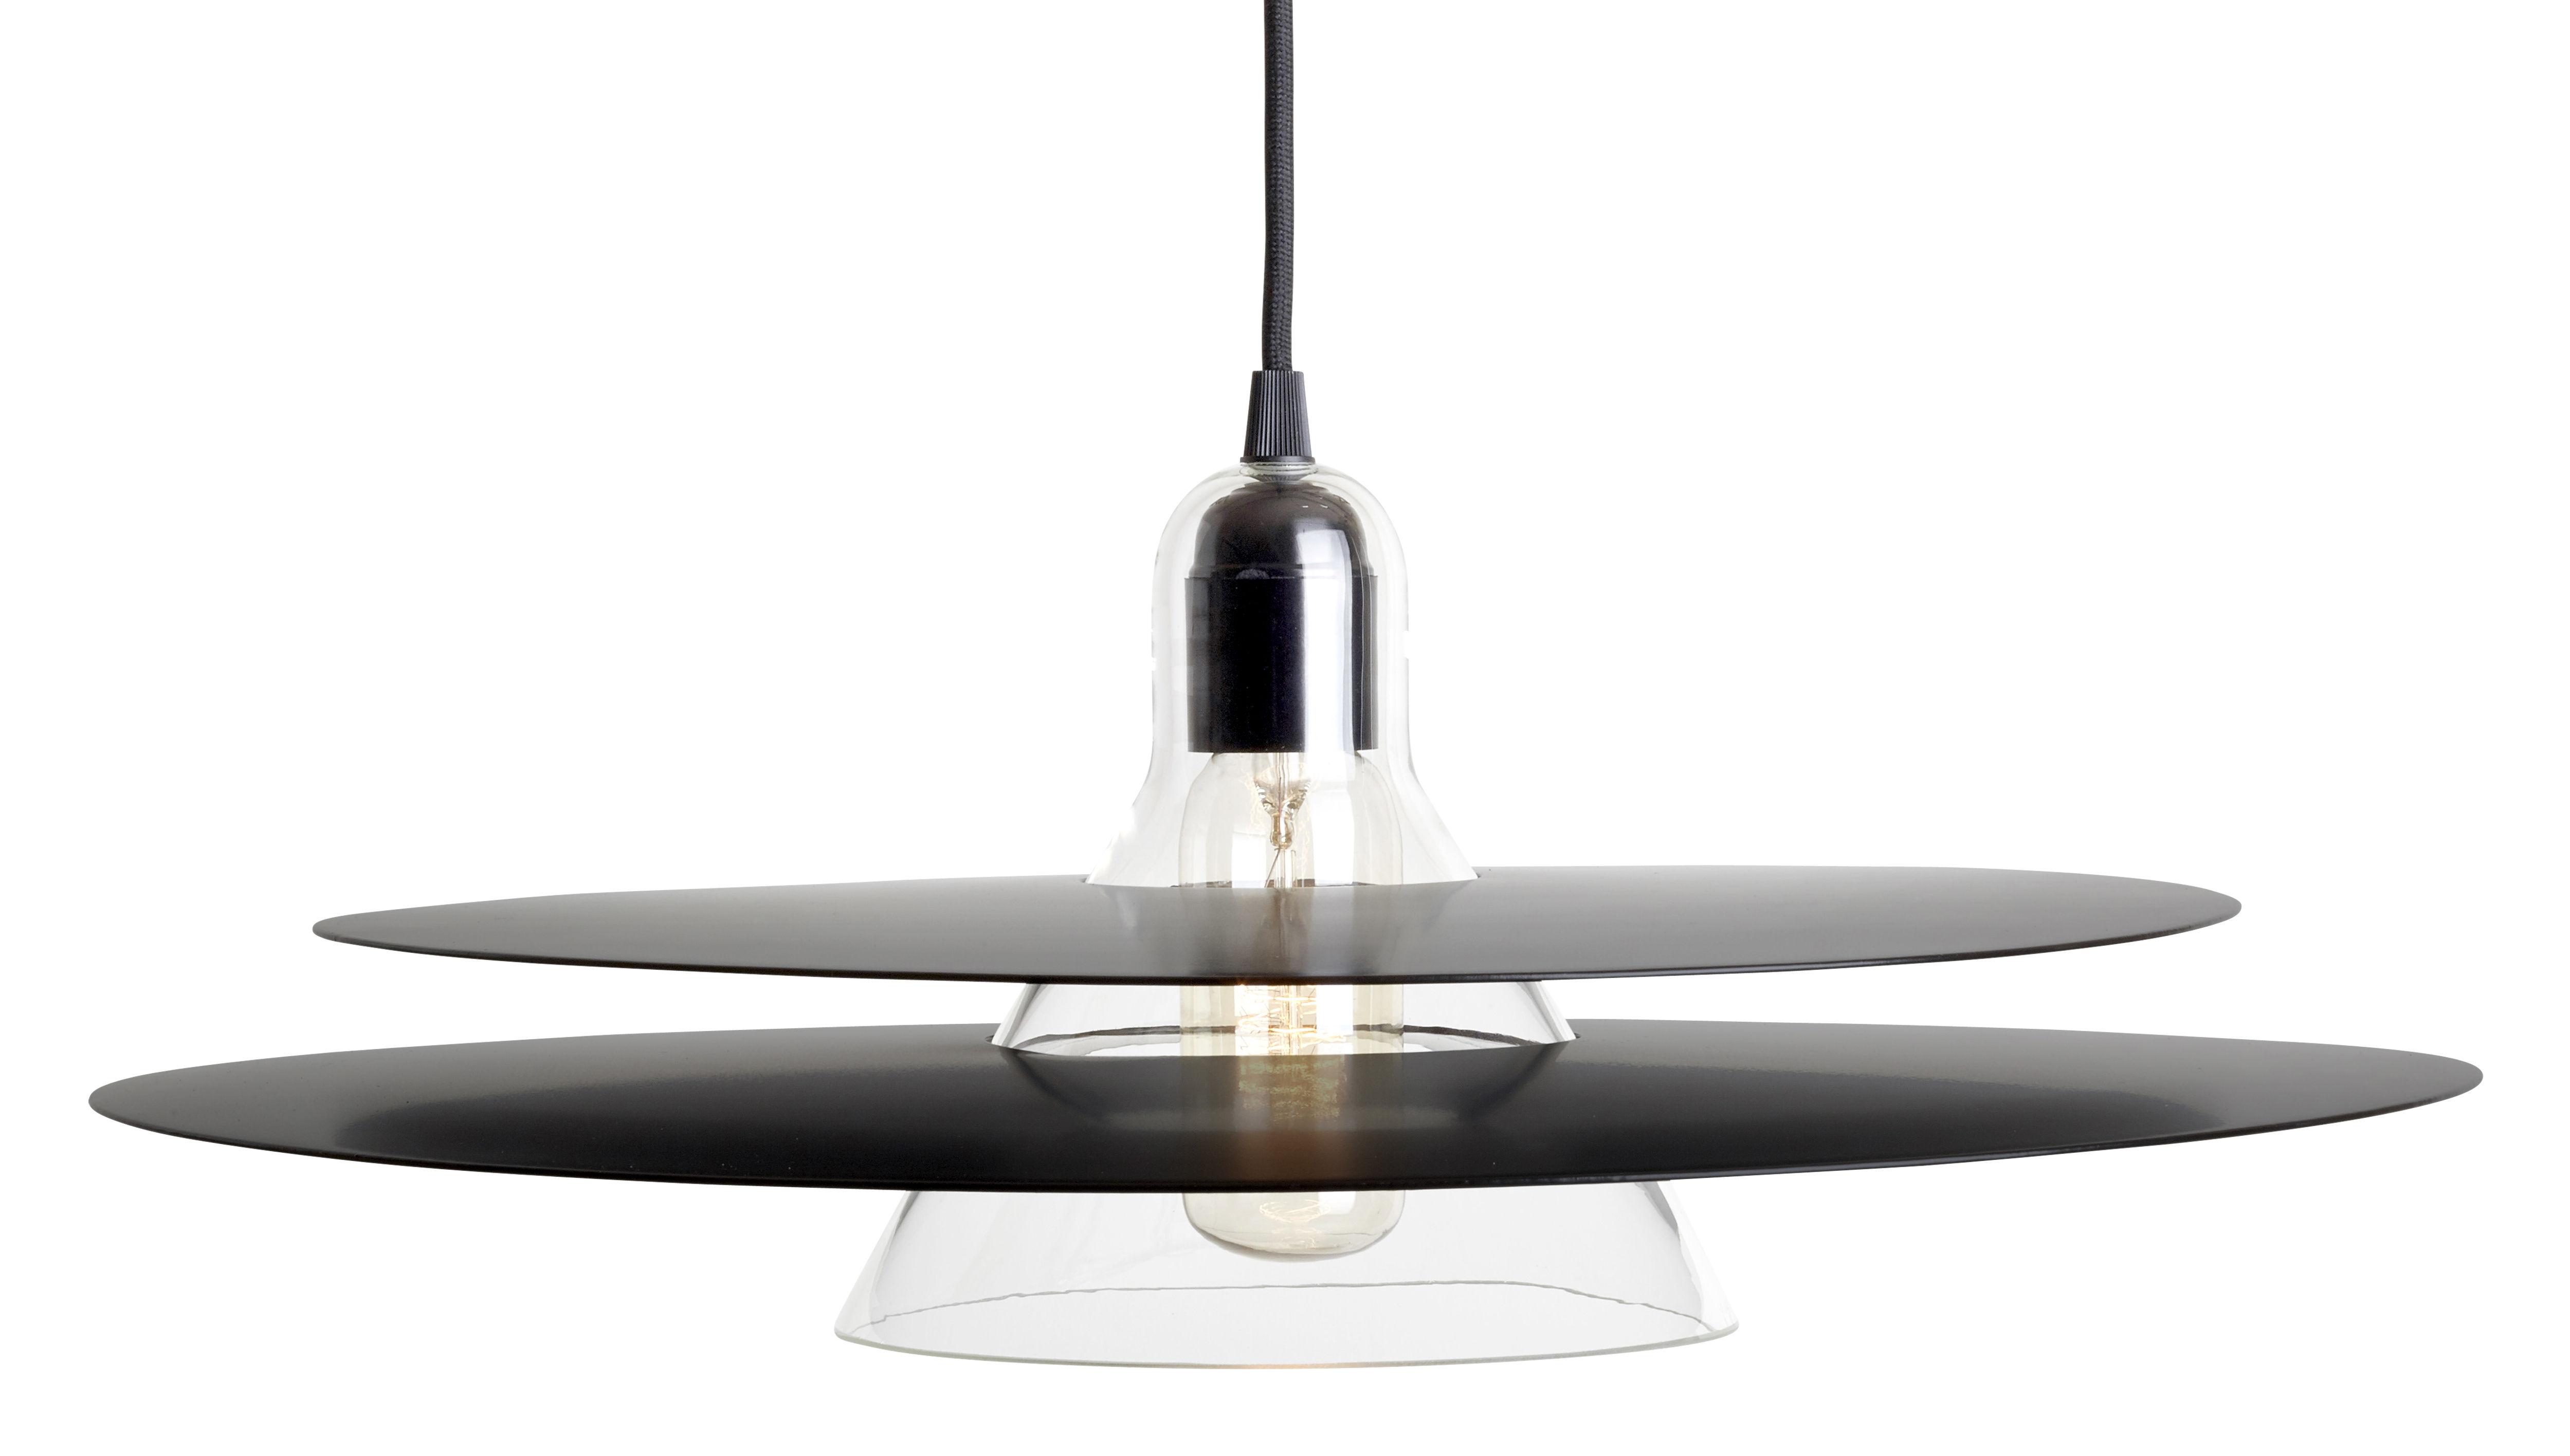 Leuchten - Pendelleuchten - Cymbal Pendelleuchte / mundgeblasenes Glas & Metall - Ø 47 cm - La Chance - Ringe schwarz / Glas transparent - geblasenes Glas, lackiertes Aluminium